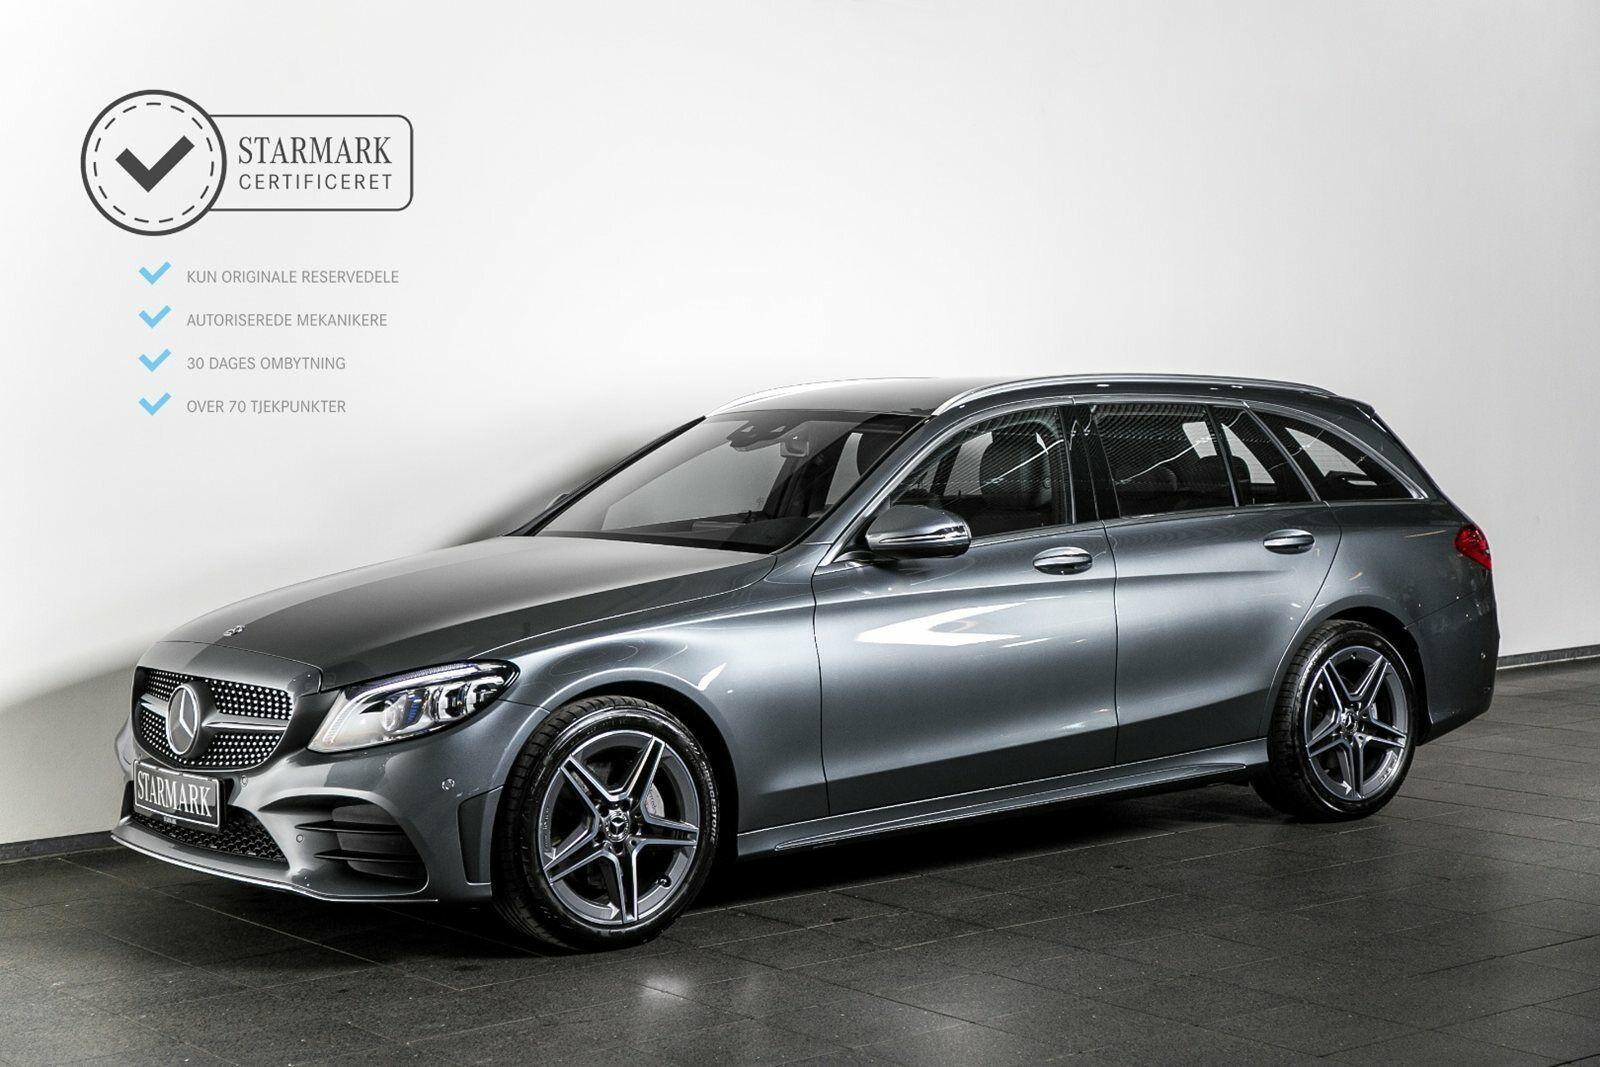 Mercedes C200 1,5 AMG Line stc. aut. 5d - 539.900 kr.